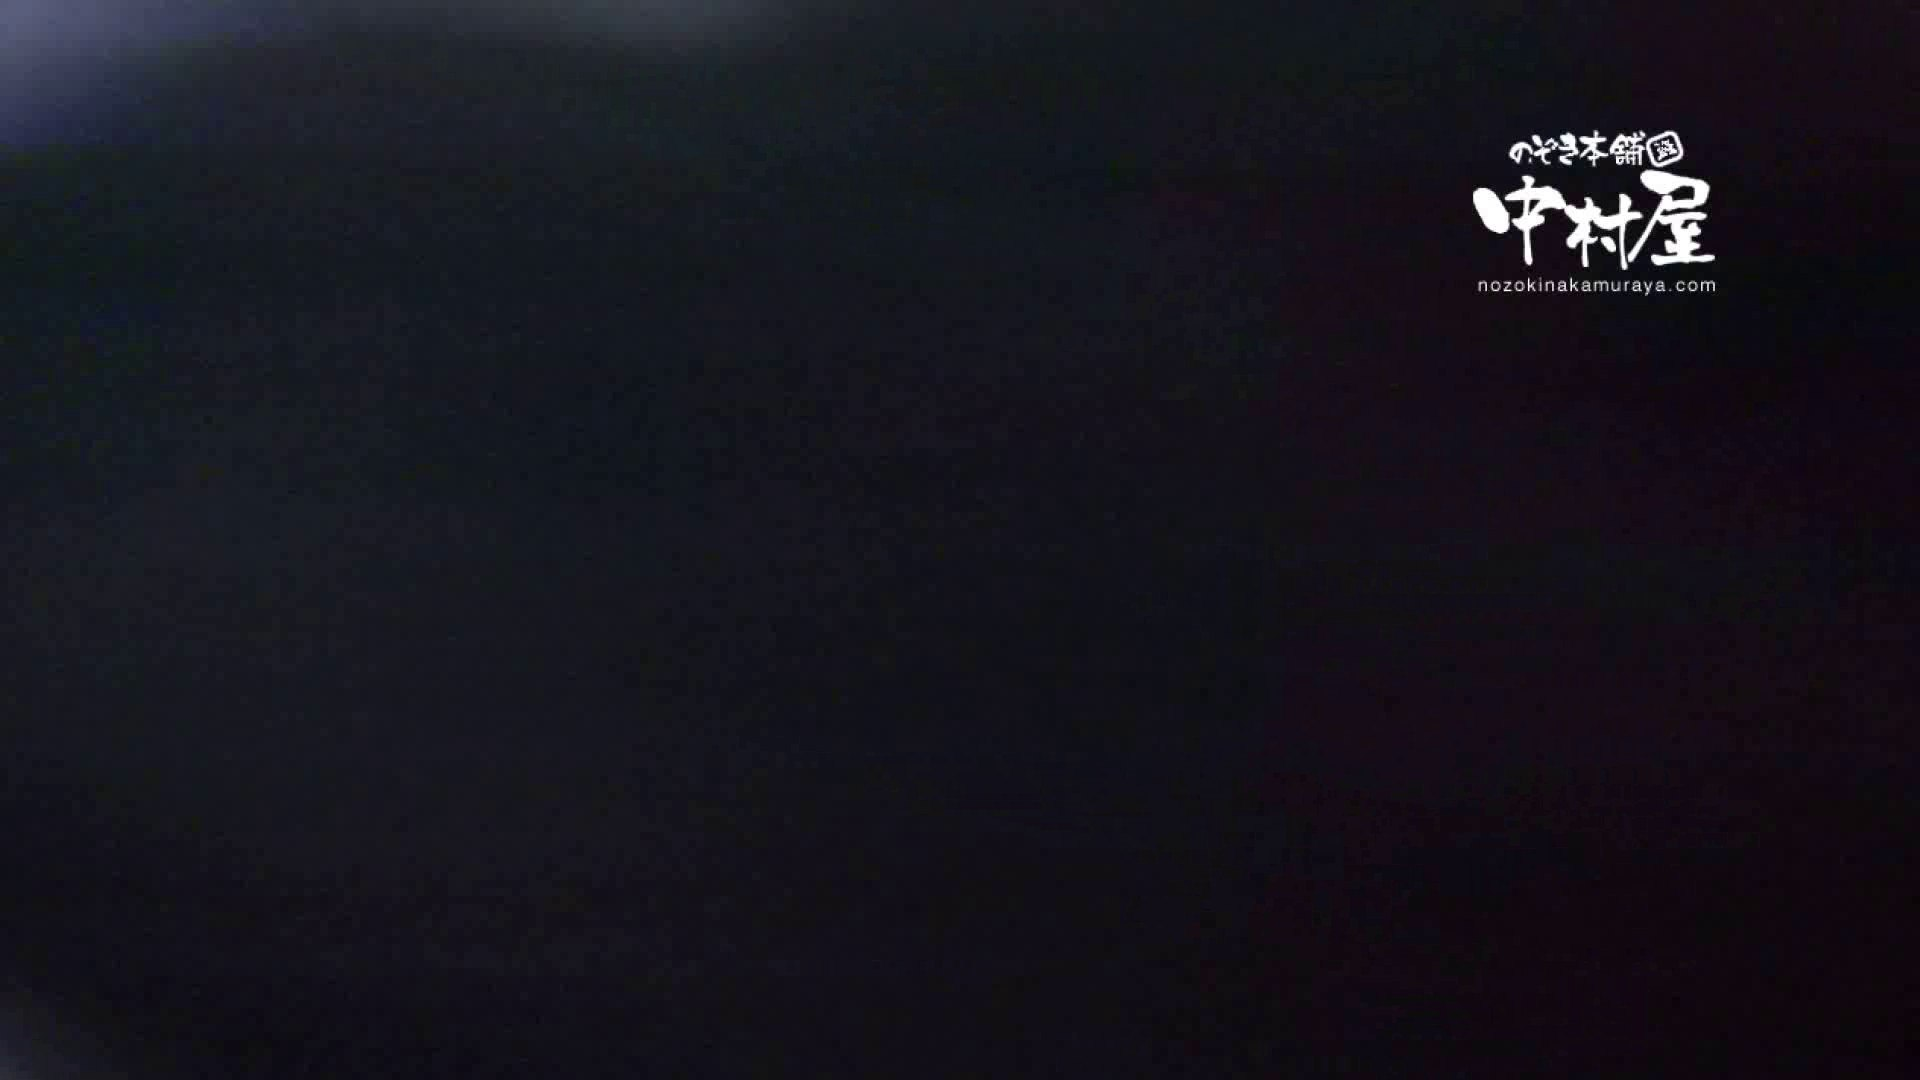 鬼畜 vol.10 あぁ無情…中出しパイパン! 前編 エッチなセックス 盗み撮り動画 107画像 98